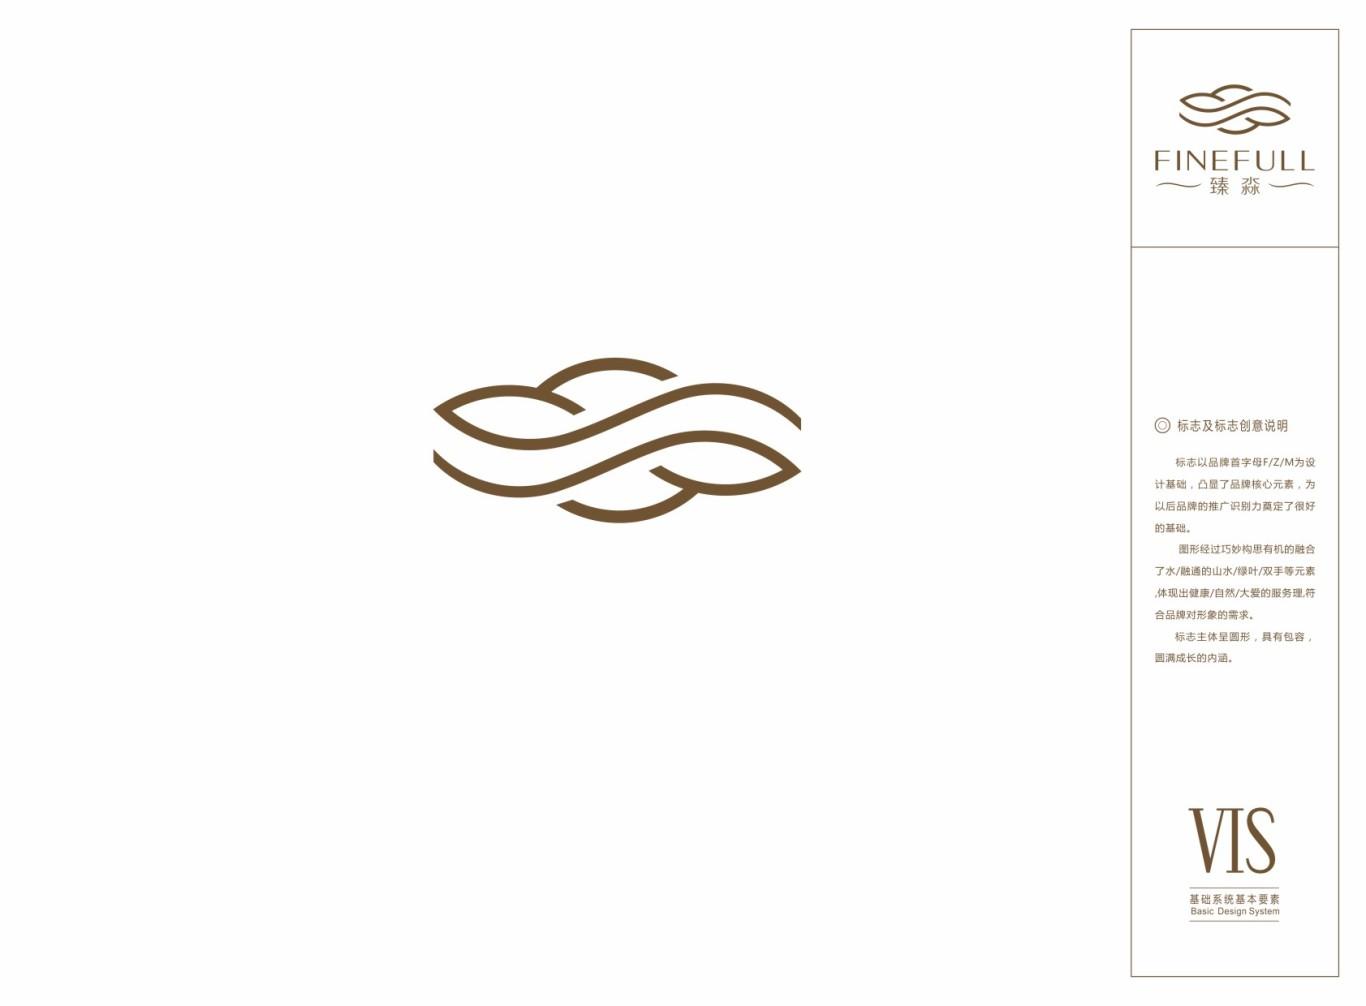 北京五星级FINEFULL-SPA水疗中心标志及VI设计图1